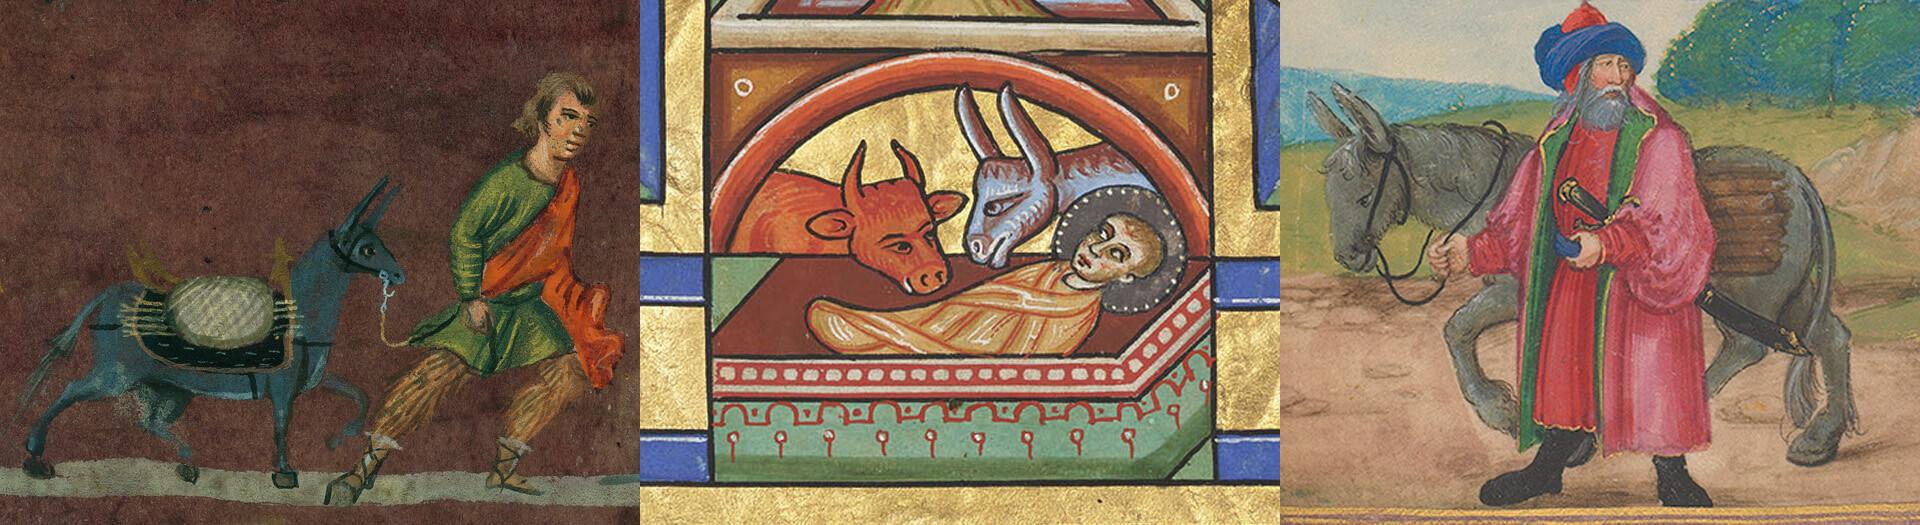 Biblische Esel - Quaternio Adventskalender 2019